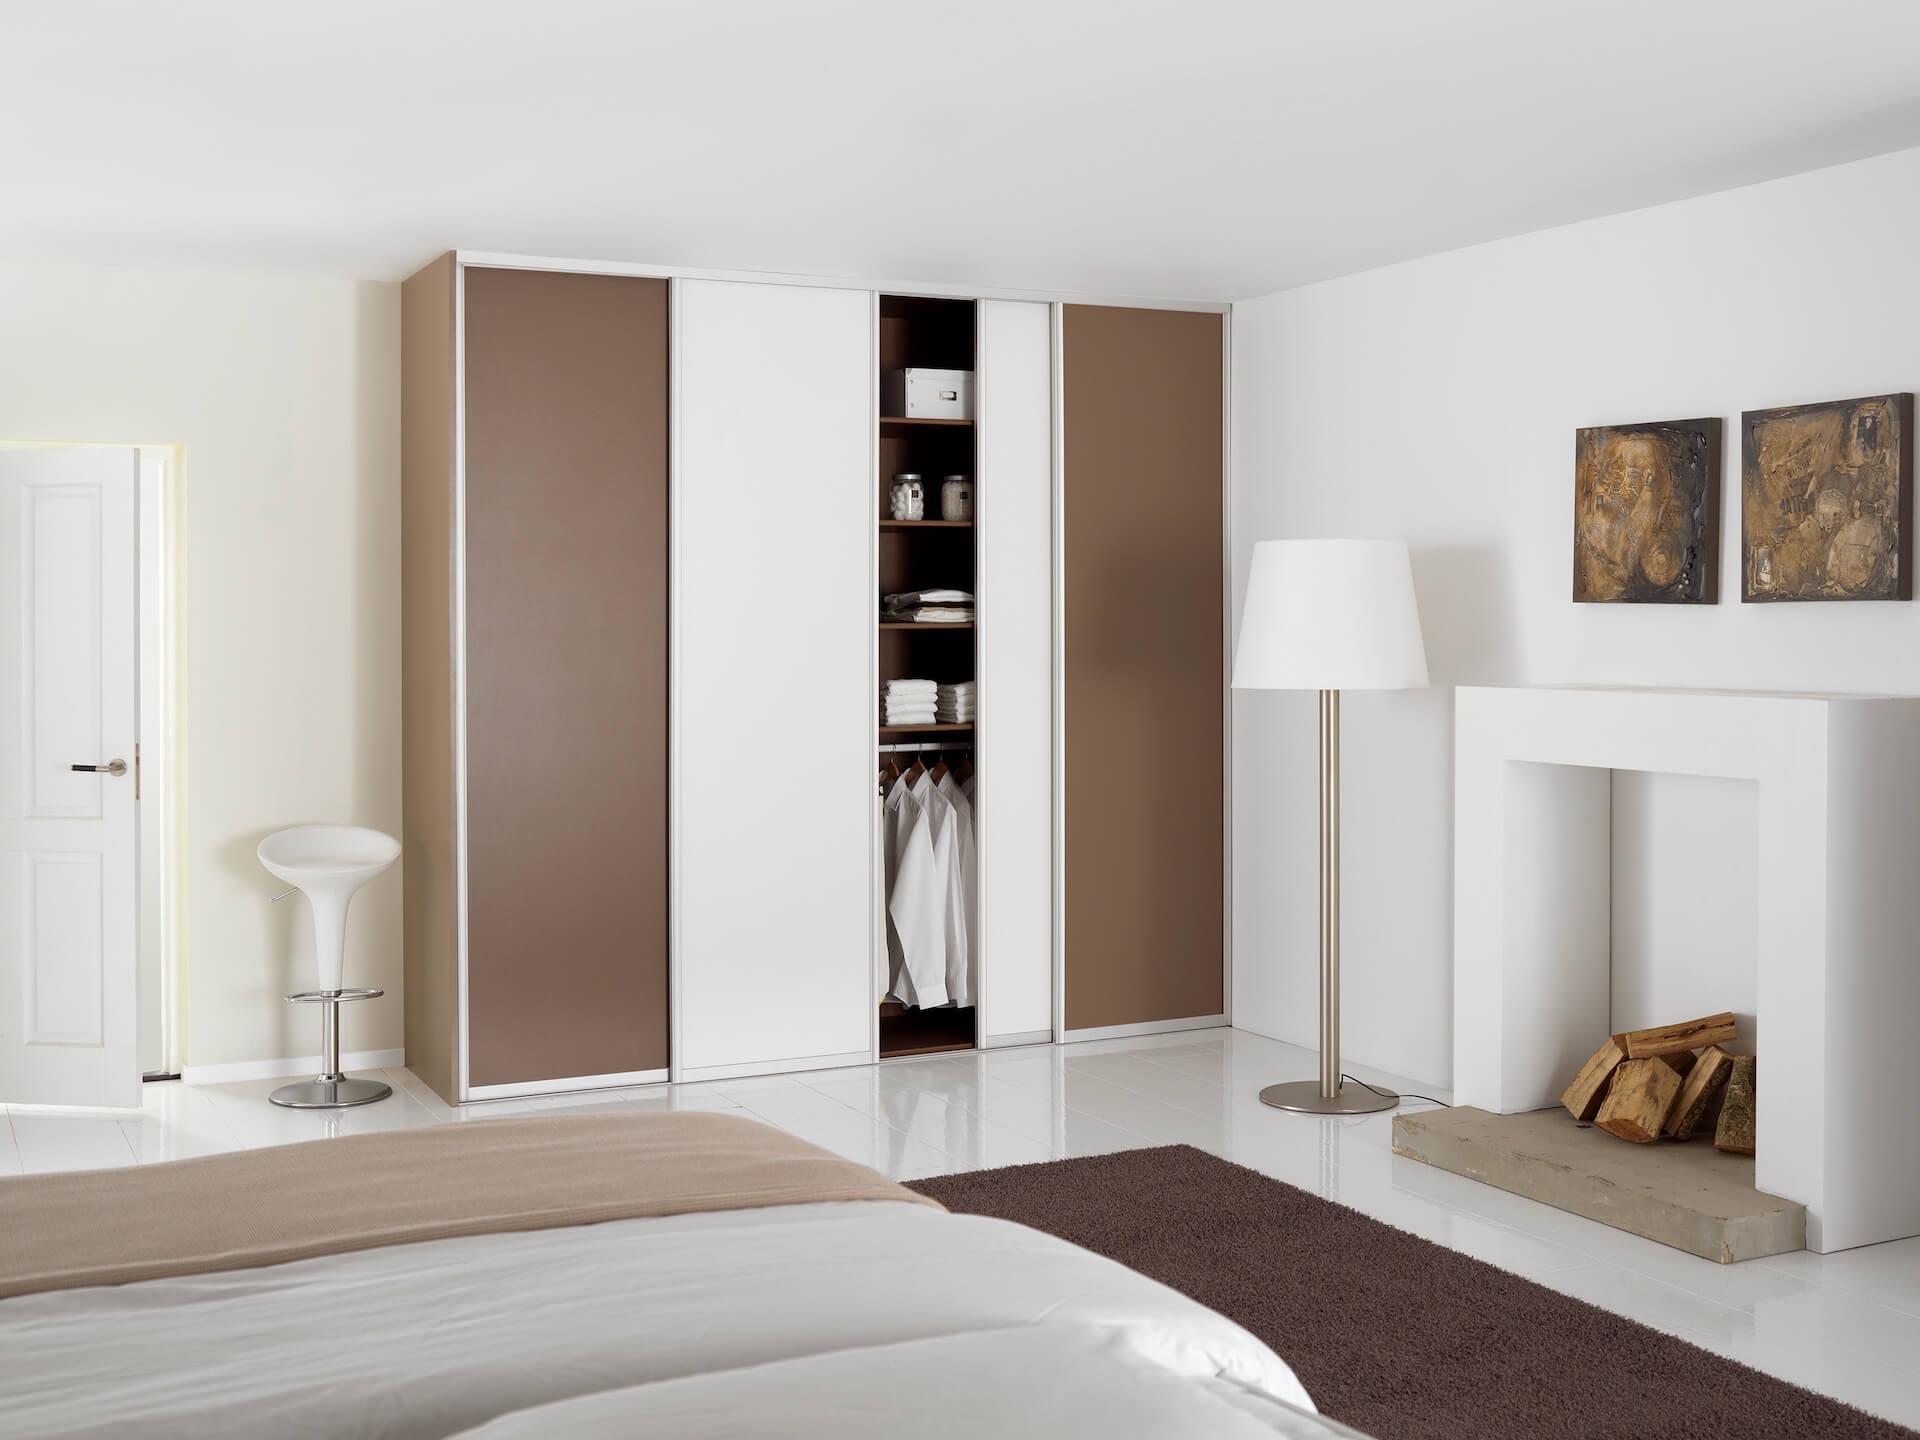 Schrankschiebetür mit Aluminiumrahmen Schlafzimmer Dekor Cappuccino und Weiß